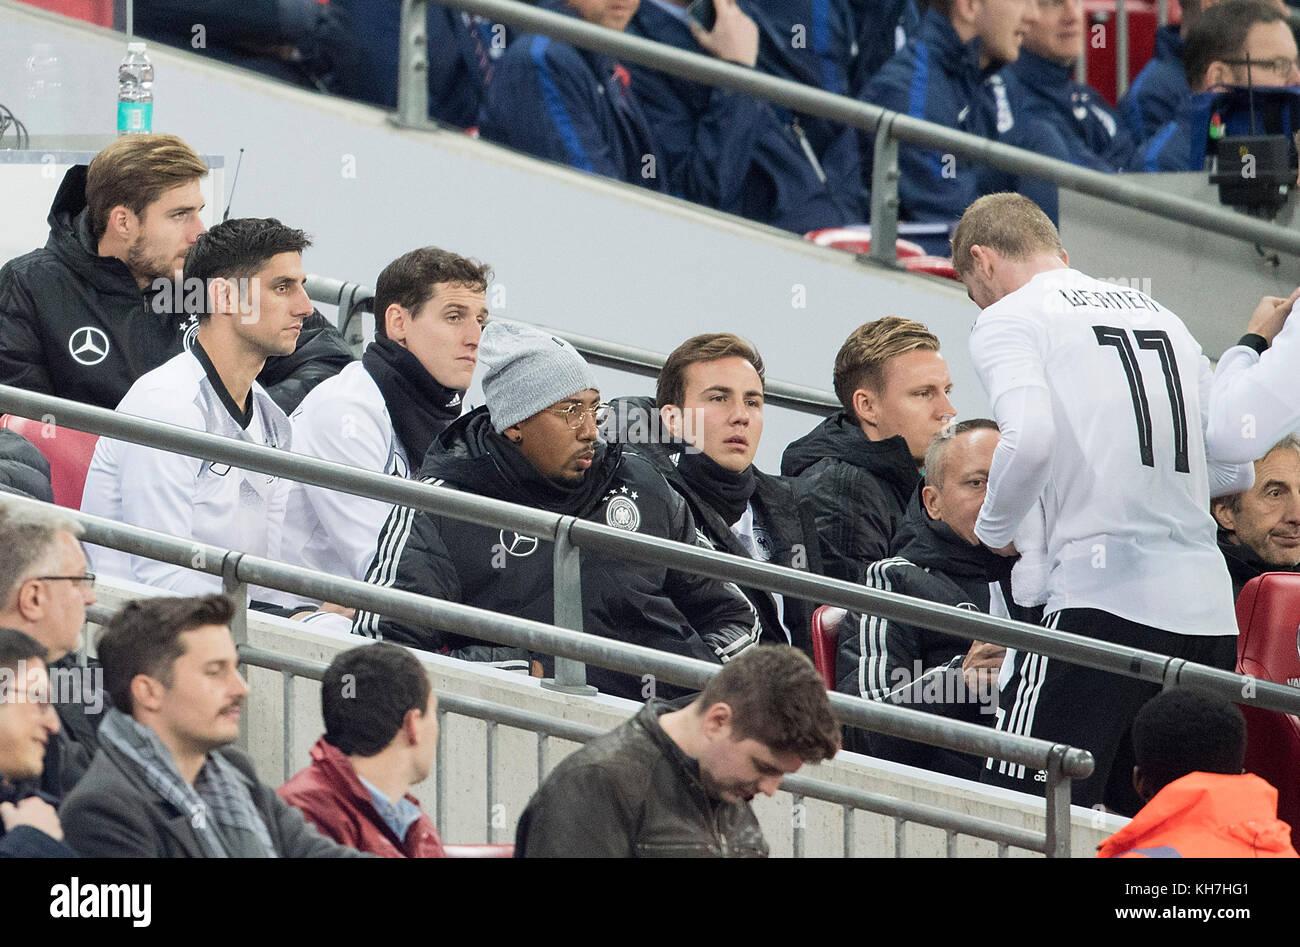 left to right goalwart Kevin TRAPP (GER), Lars STINDL (GER)m Sebastian RUDY (GER), Jerome BOATENG (GER), Mario GOETZE - Stock Image